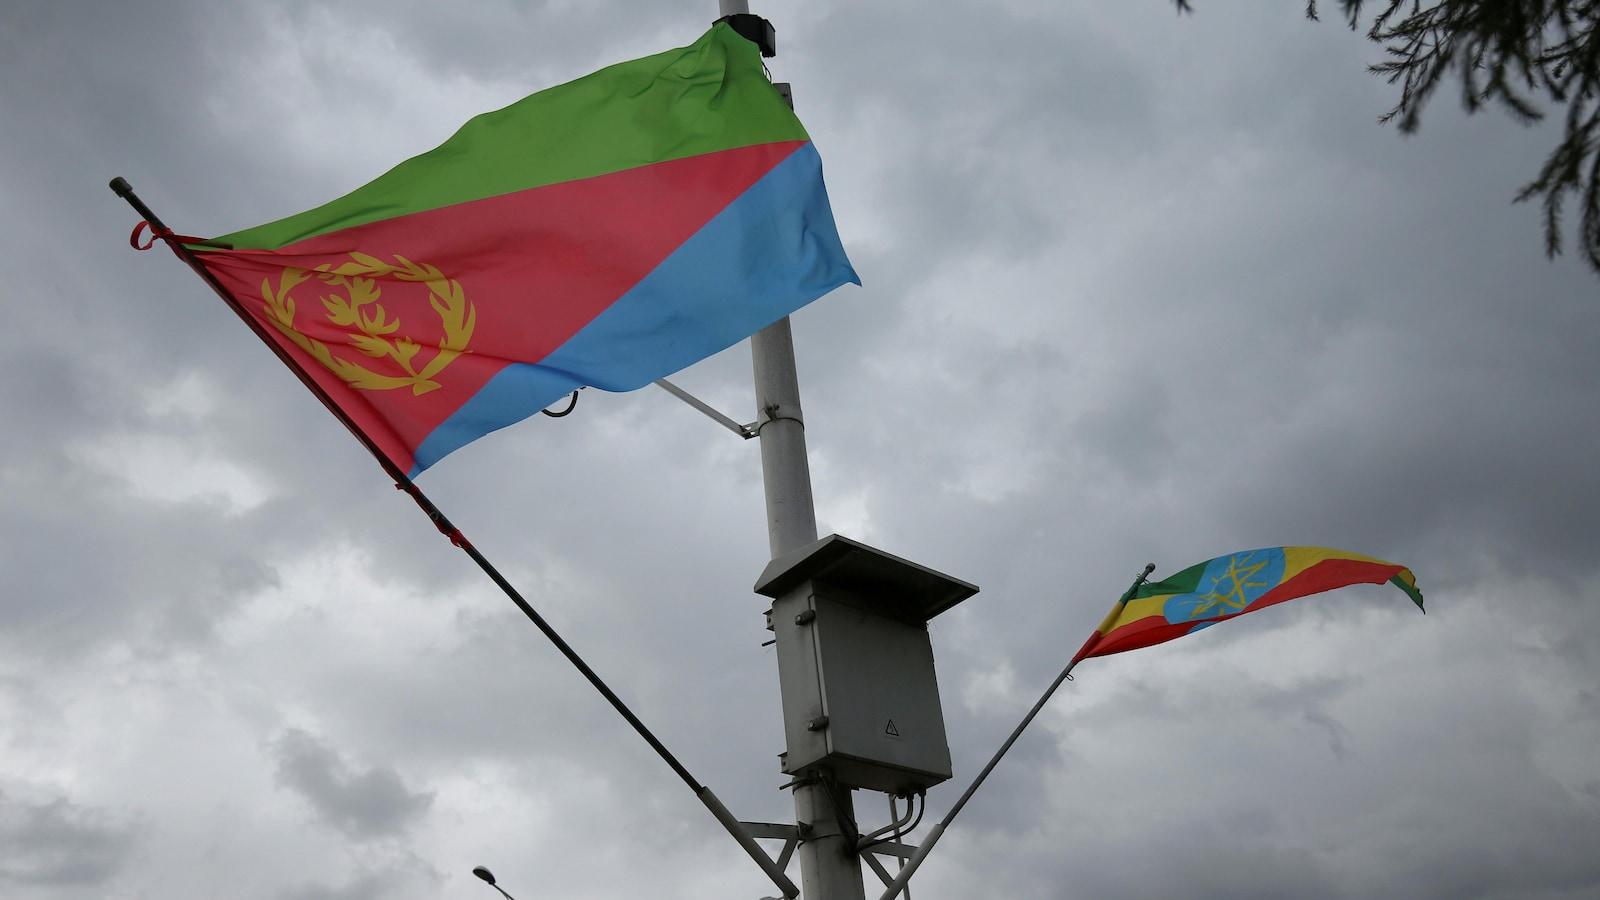 Les drapeaux de l'Éthiopie et de l'Érythrée flottant au vent.